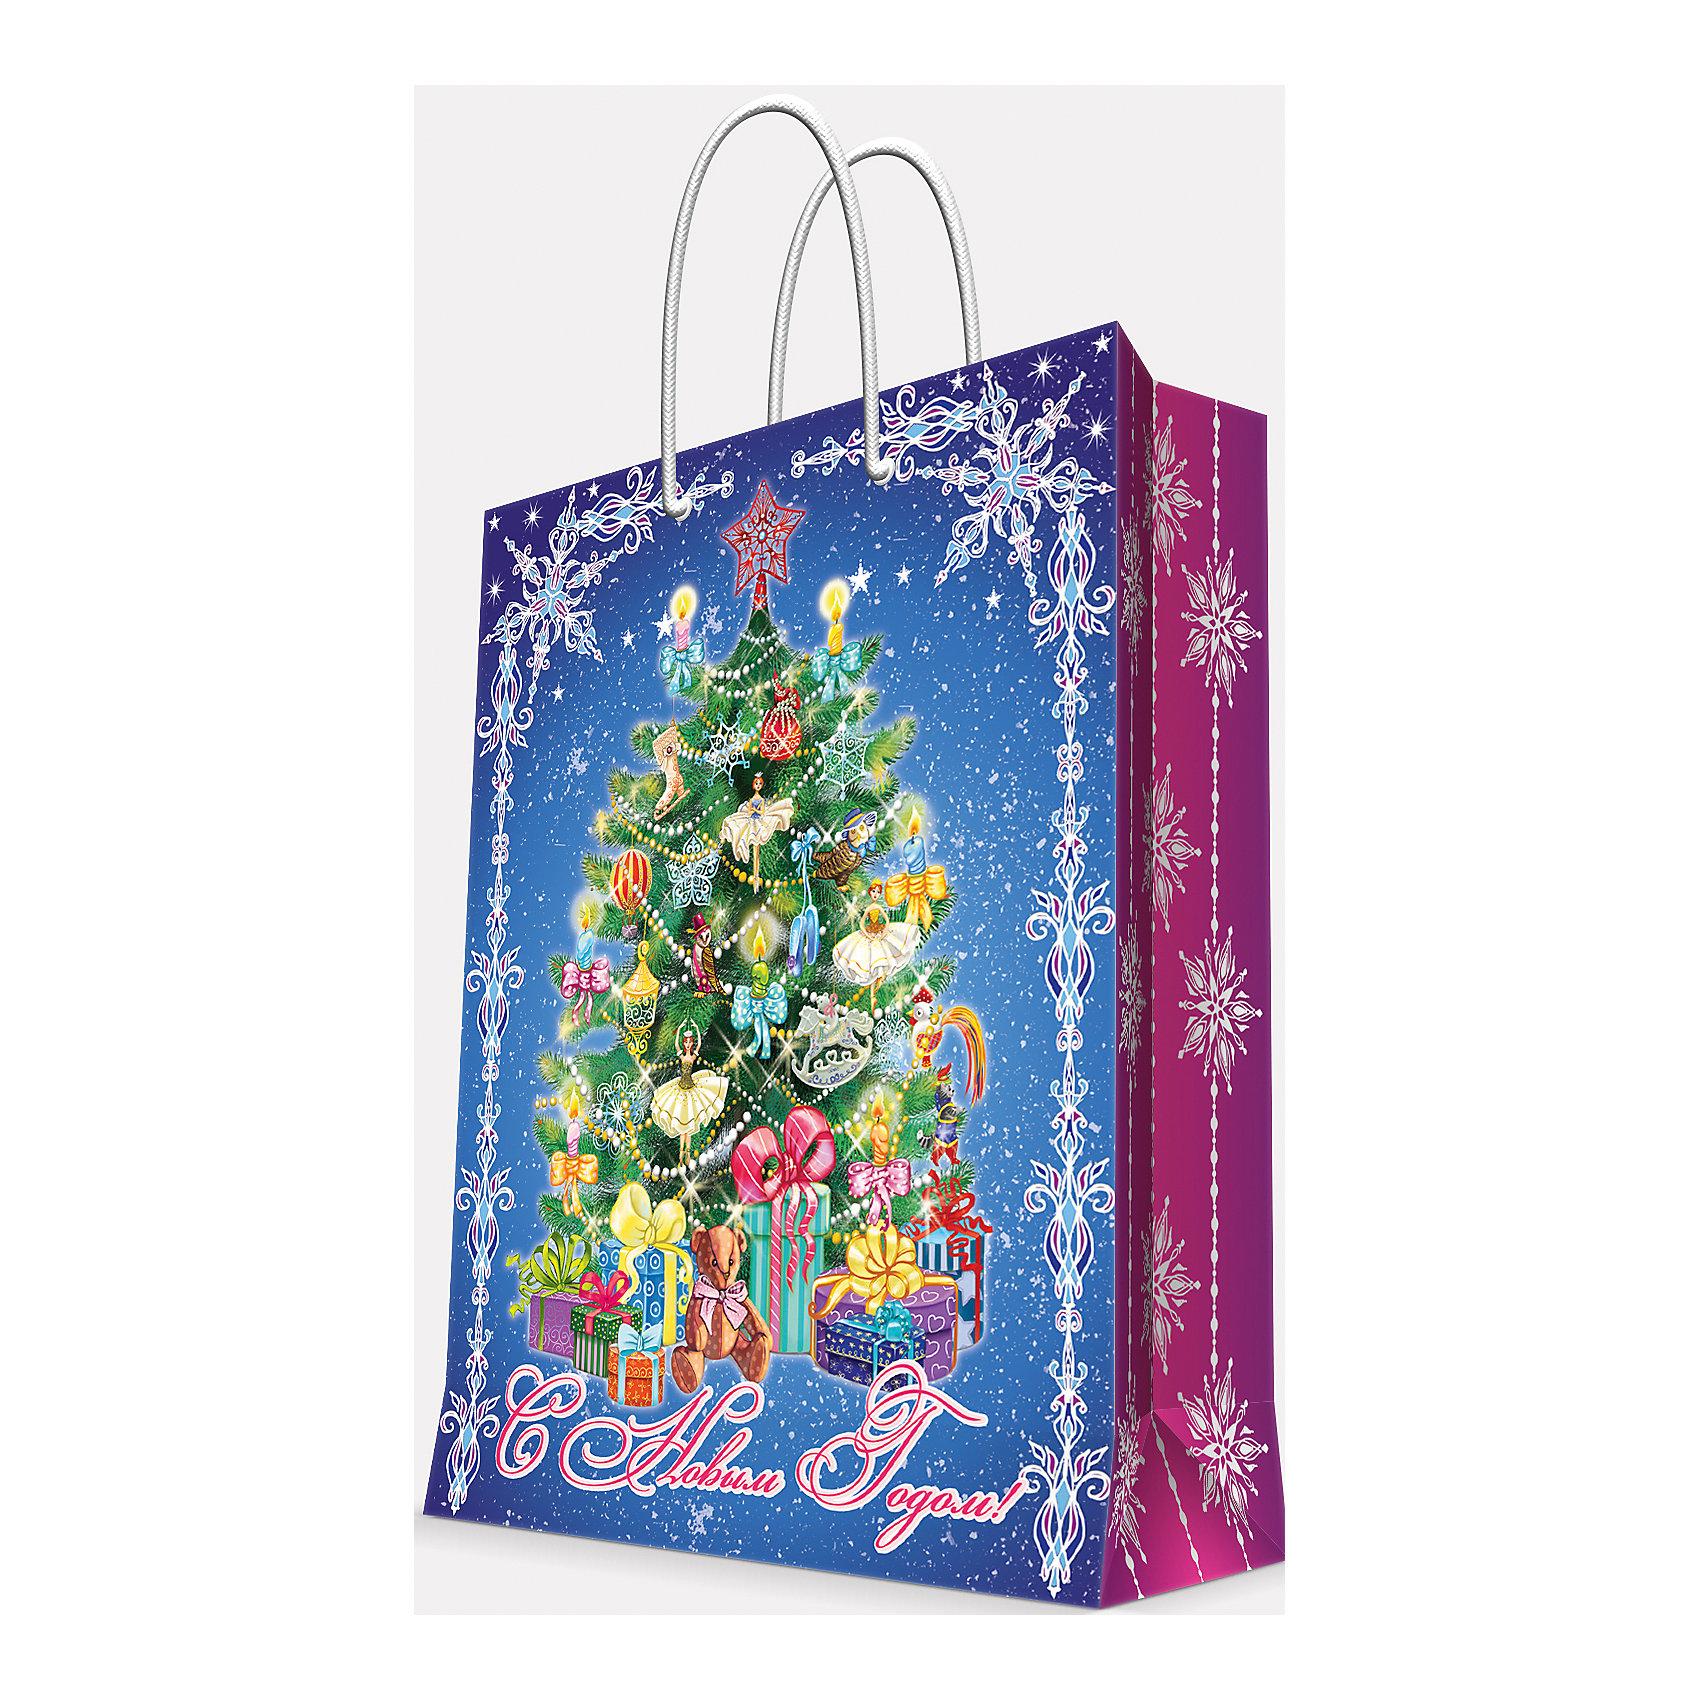 Подарочный пакет Пушистая елочка 26*32,4*12,7Приближение Нового года не может не радовать! Праздничное настроение создает украшенный дом, наряженная ёлка, запах мандаринов, предновогодняя суета и, конечно же, подарки! Чтобы сделать момент вручения приятнее, нужен красивый подарочный пакет.<br>Этот пакет украшен симпатичным универсальным рисунком, поэтому в него можно упаковать подарок и родственнику, и коллеге. Он сделан из безопасного для детей, прочного, но легкого, материала. Создайте с ним праздничное настроение себе и близким!<br><br>Дополнительная информация:<br><br>плотность бумаги: 140 г/м2;<br>размер: 26 х 32 х 13 см;<br>с ламинацией;<br>украшен рисунком.<br><br>Подарочный пакет Пушистая елочка 26*32,4*12,7 см можно купить в нашем магазине.<br><br>Ширина мм: 260<br>Глубина мм: 234<br>Высота мм: 127<br>Вес г: 71<br>Возраст от месяцев: 36<br>Возраст до месяцев: 2147483647<br>Пол: Унисекс<br>Возраст: Детский<br>SKU: 4981602